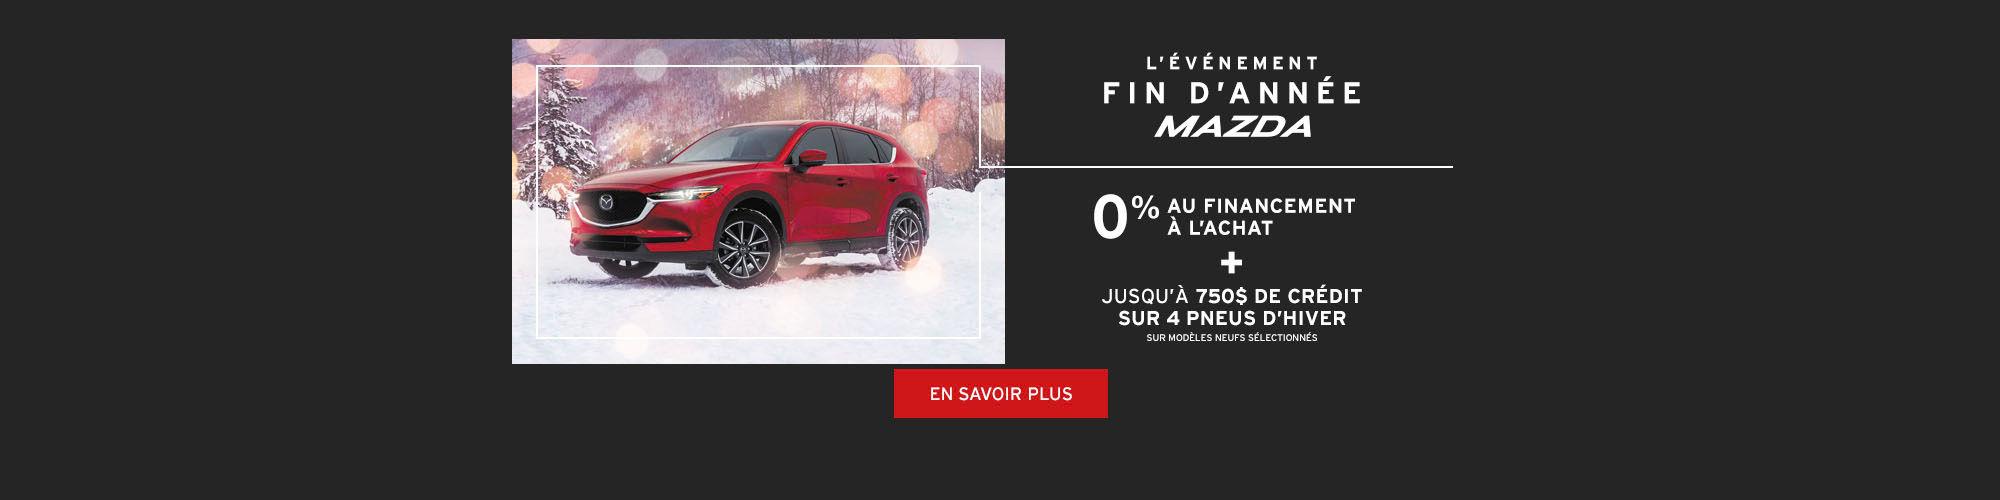 Événement fin d'année Mazda